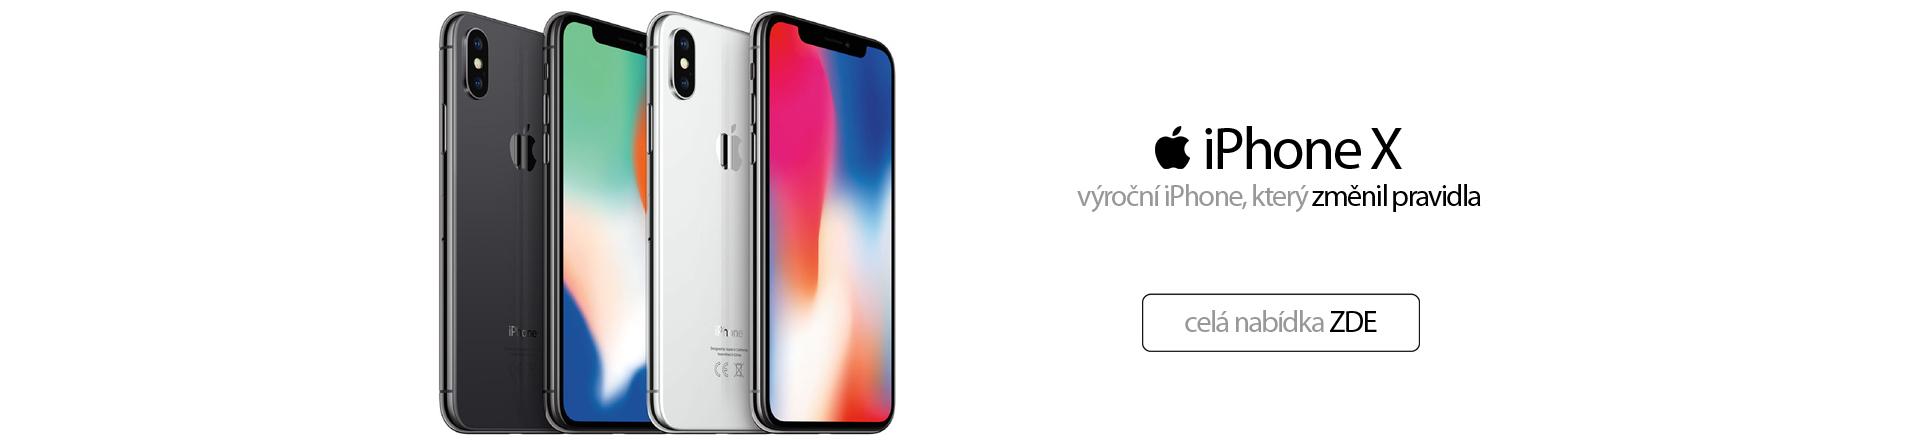 iPhoneX, výroční iPhone, který změnil pravidla